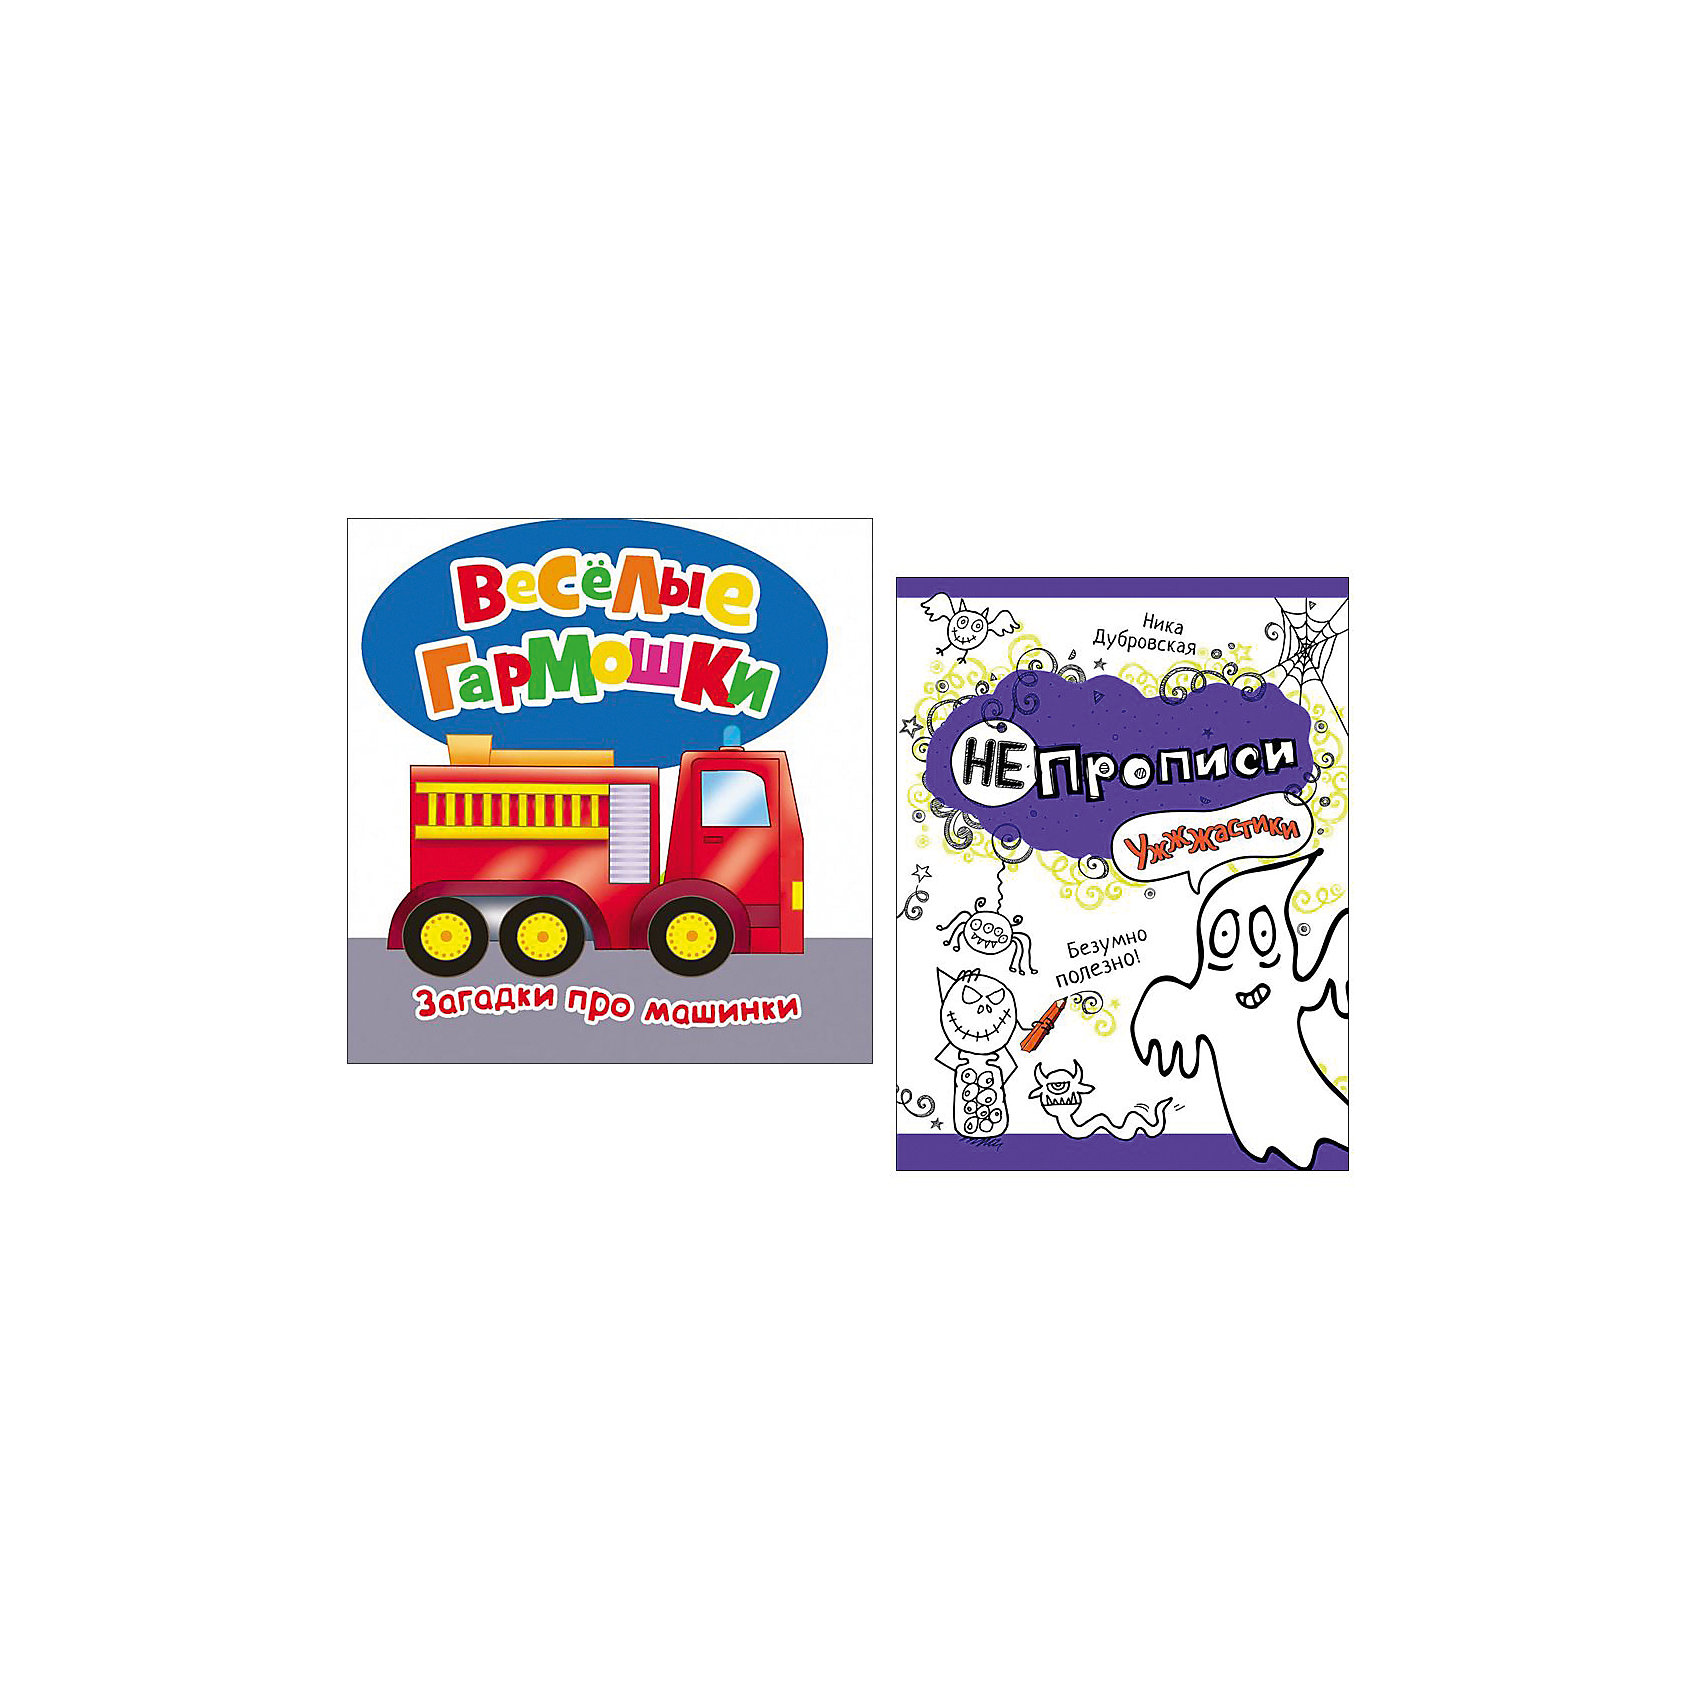 Комплект для мальчиков (книжки-игрушки)Росмэн<br>Комплект для мальчиков (книжки-игрушки) ? это картонные книги-игрушки, выпущенные отечественным издательством Росмэн.  Комплект серии Веселые гармошки<br>состоит из двух книг Загадки про машинки и Лев. Объем каждой книжки составляет 12 страниц. Книжки выполнены в форме раскладывающейся двусторонней гармошки, на каждой стороне имеется яркая картинка, загадка или потешка. Стихотворные тексты подобраны с учетом возраста, их бедет легко выучить даже самому маленькому ребенку. Удобный компактный формат книжки позволит ее брать с собой в дальние поездки и путешествия.<br><br>Дополнительная информация:<br><br>- Жанр книг: книги-игрушки<br>- Предназначение: для дома<br>- Серия: Веселые гармошки<br>- Материал: картонные книжки<br>- Комплектация: 2 книжки ? Загадки про машинки, Лев<br>- Размер (Д*Ш*В): 25,5*19,5*1,6 см<br><br>Подробнее:<br><br>• Для детей в возрасте: от 0 месяцев <br>• Издательство: Росмэн<br>• Страна производитель: Россия<br><br>Комплект для мальчиков (книжки-игрушки) можно купить в нашем интернет-магазине.<br><br>Ширина мм: 255<br>Глубина мм: 195<br>Высота мм: 16<br>Вес г: 160<br>Возраст от месяцев: 0<br>Возраст до месяцев: 36<br>Пол: Унисекс<br>Возраст: Детский<br>SKU: 4870290